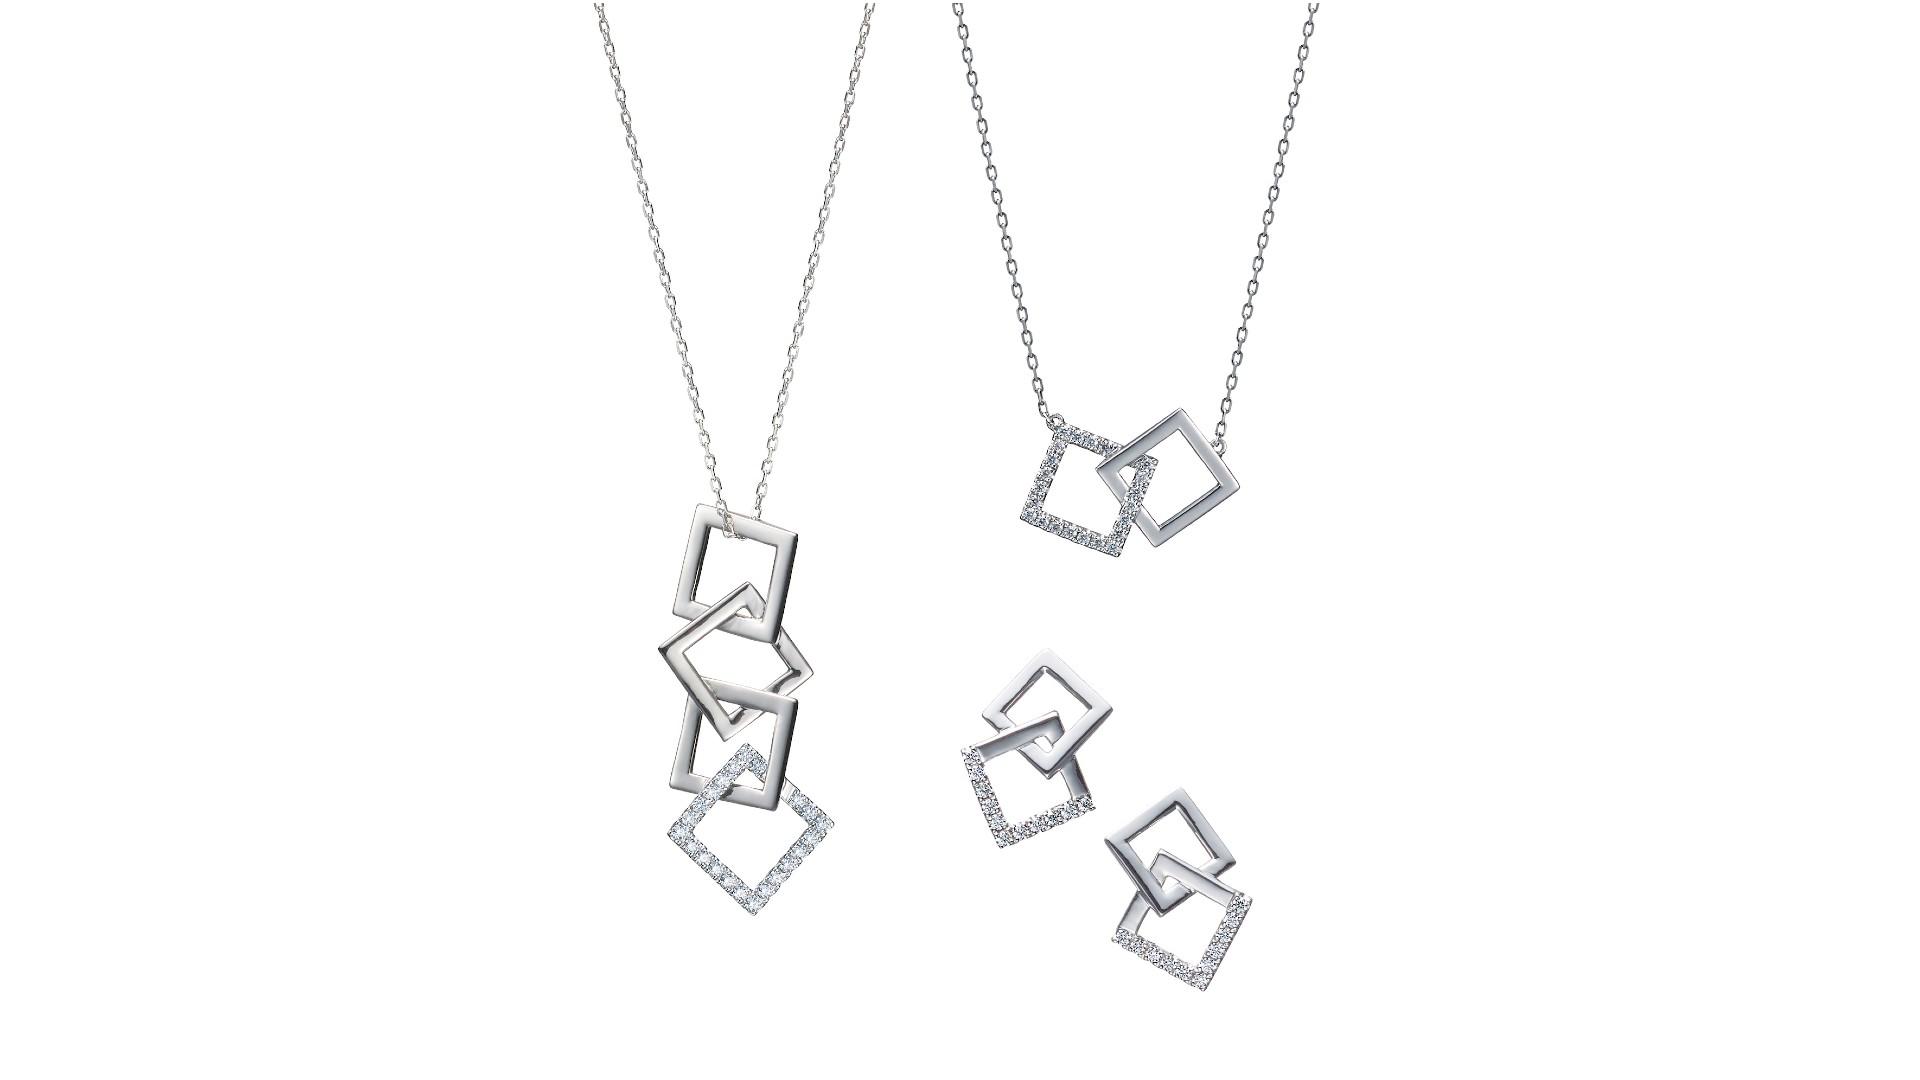 左から、ネックレス352,000円(40cm)、ネックレス264,000円(40cm)、ピアス/イヤリング363,000円(いずれもPt、ダイヤモンド)